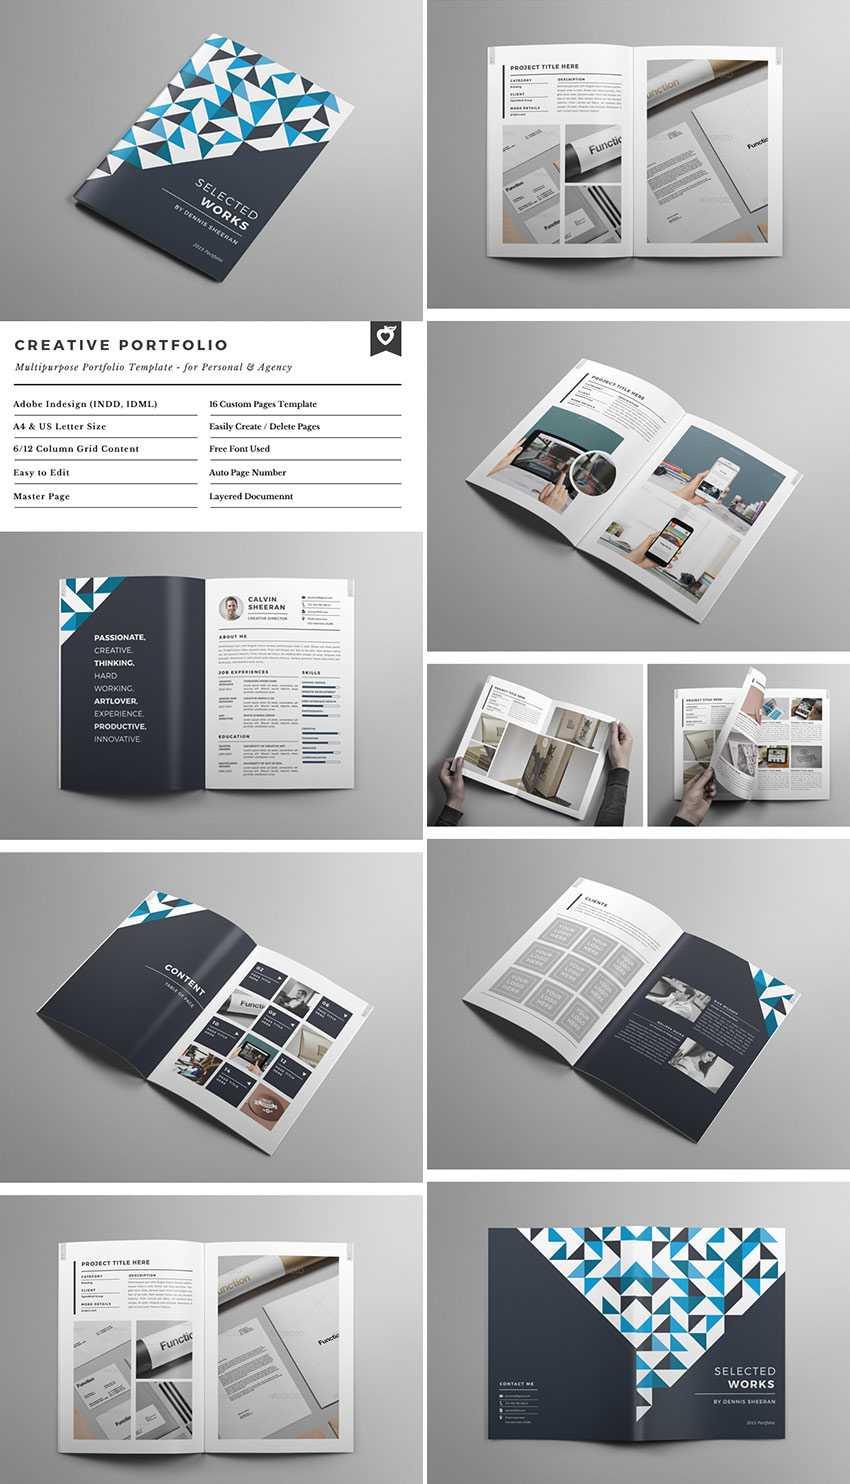 20 Лучших Шаблонов Indesign Brochure - Для Творческого Throughout Brochure Templates Free Download Indesign